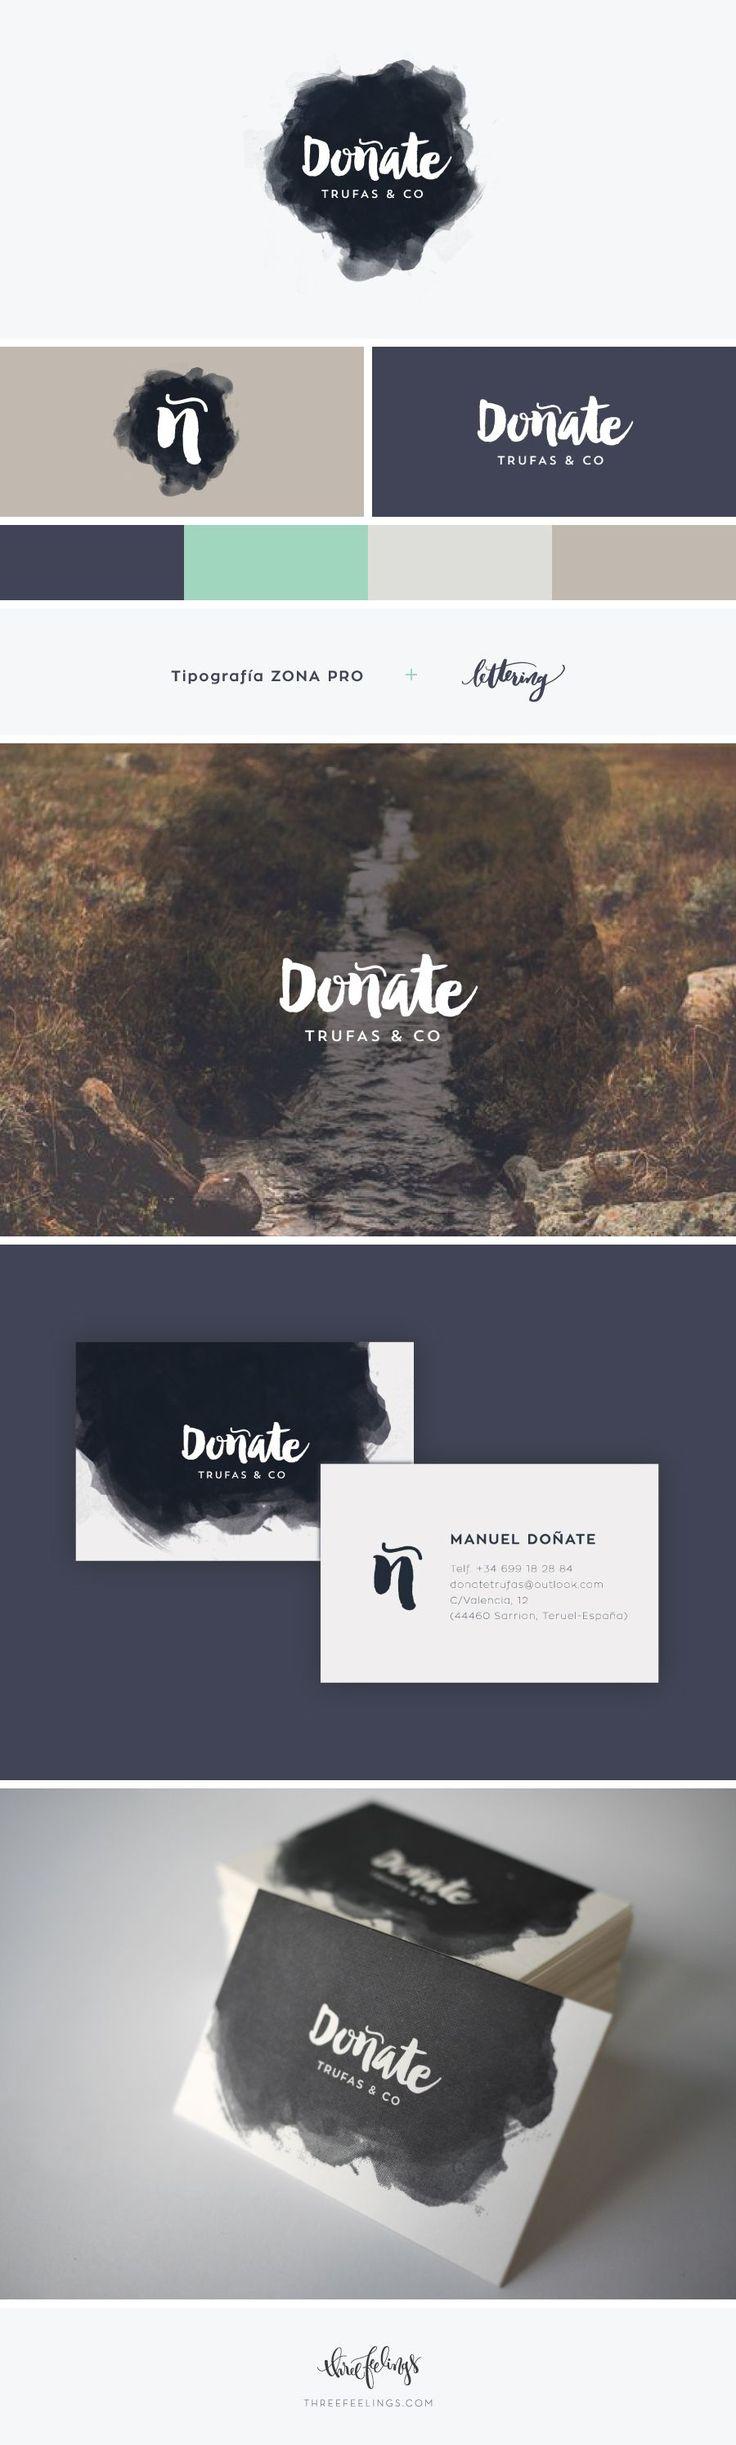 Creación de la identidad visual de Doñate, una empresa de Teruel dedicada a las trufas. También se han diseñado las tarjetas corporativas, que se han impreso en letterpress.